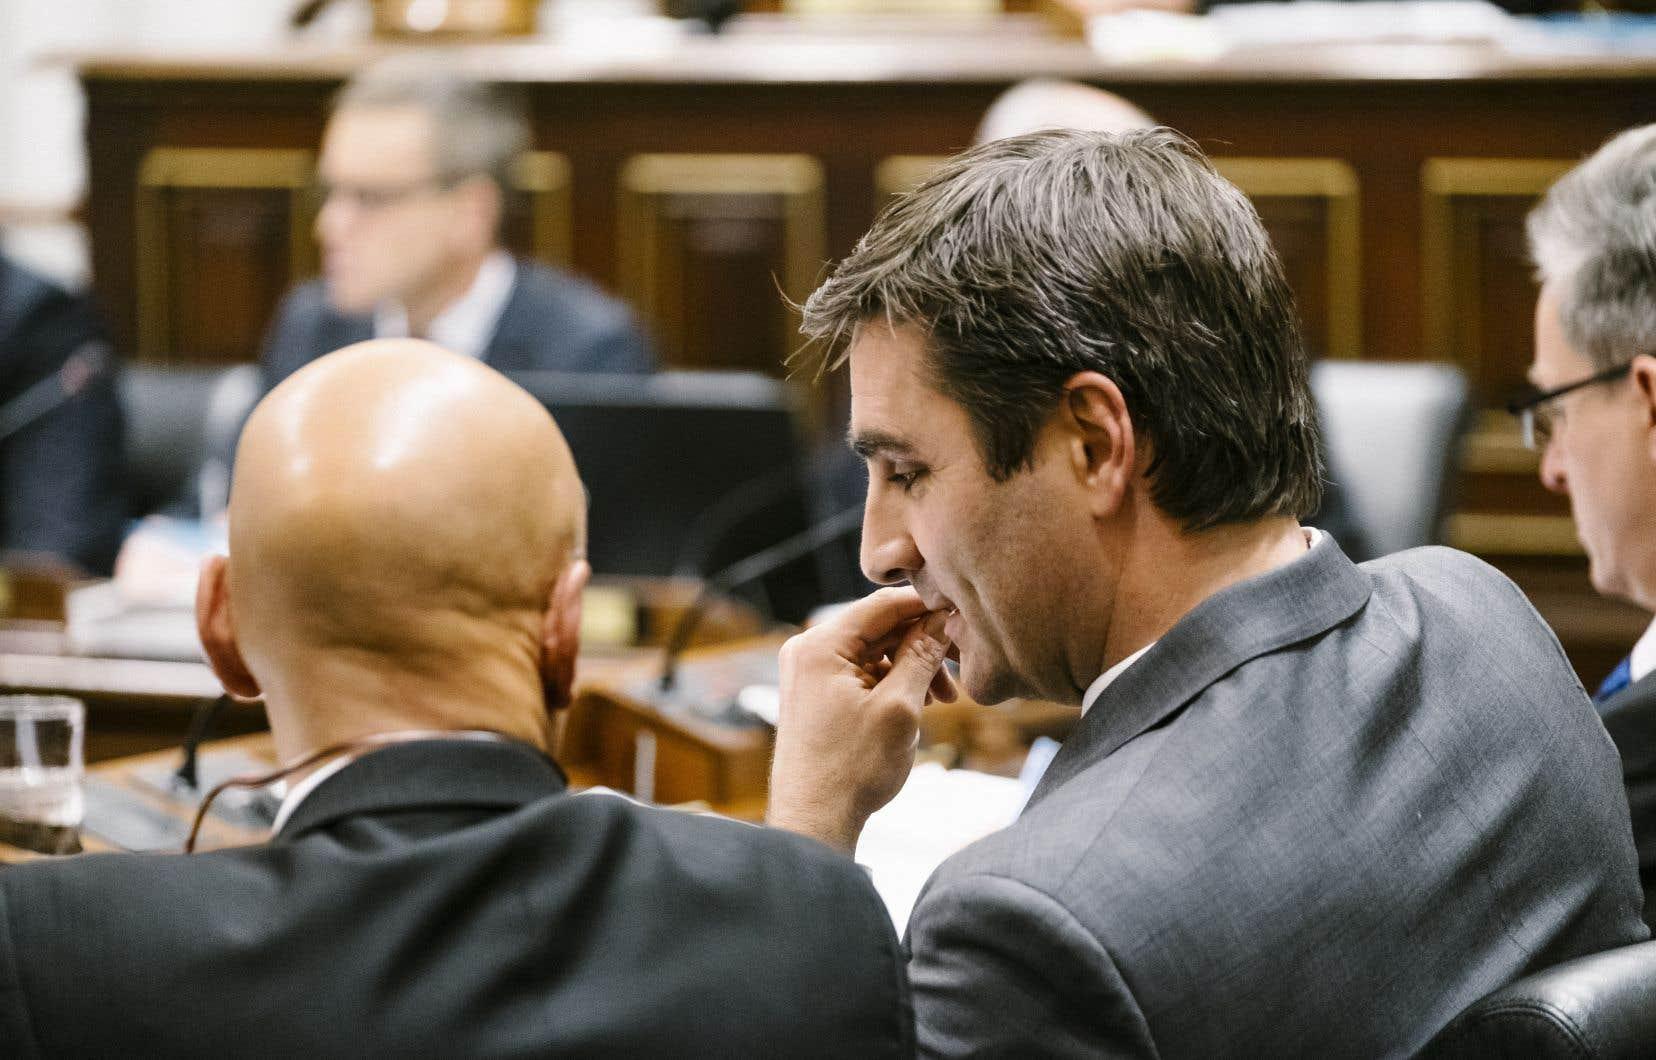 Jean-François Gosselin a vu tous les membres du conseil d'administration, sauf un, de son parti politique remettre leur démission ces derniers jours.